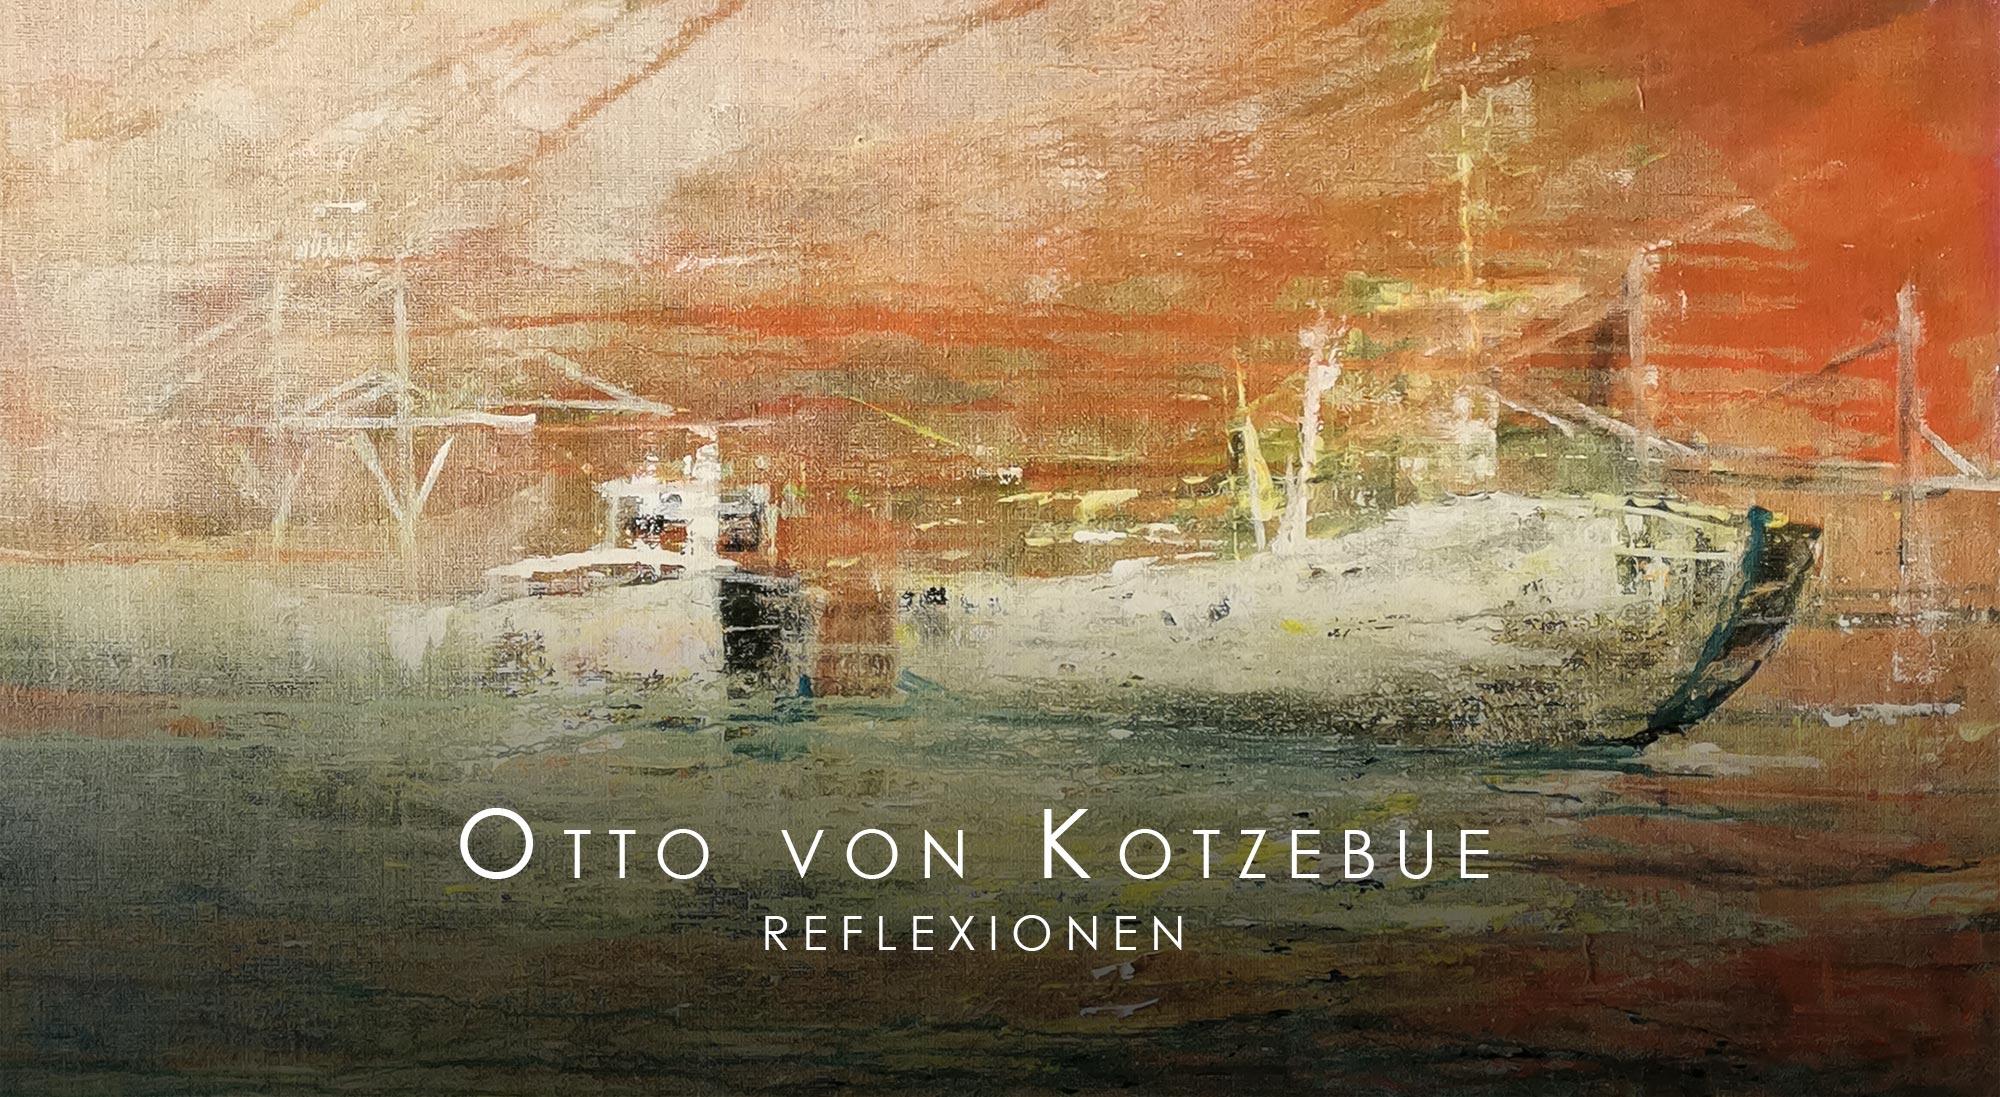 """Titelbild zur Ausstellung """"Reflexionen"""" von Otto von Kotzebue"""